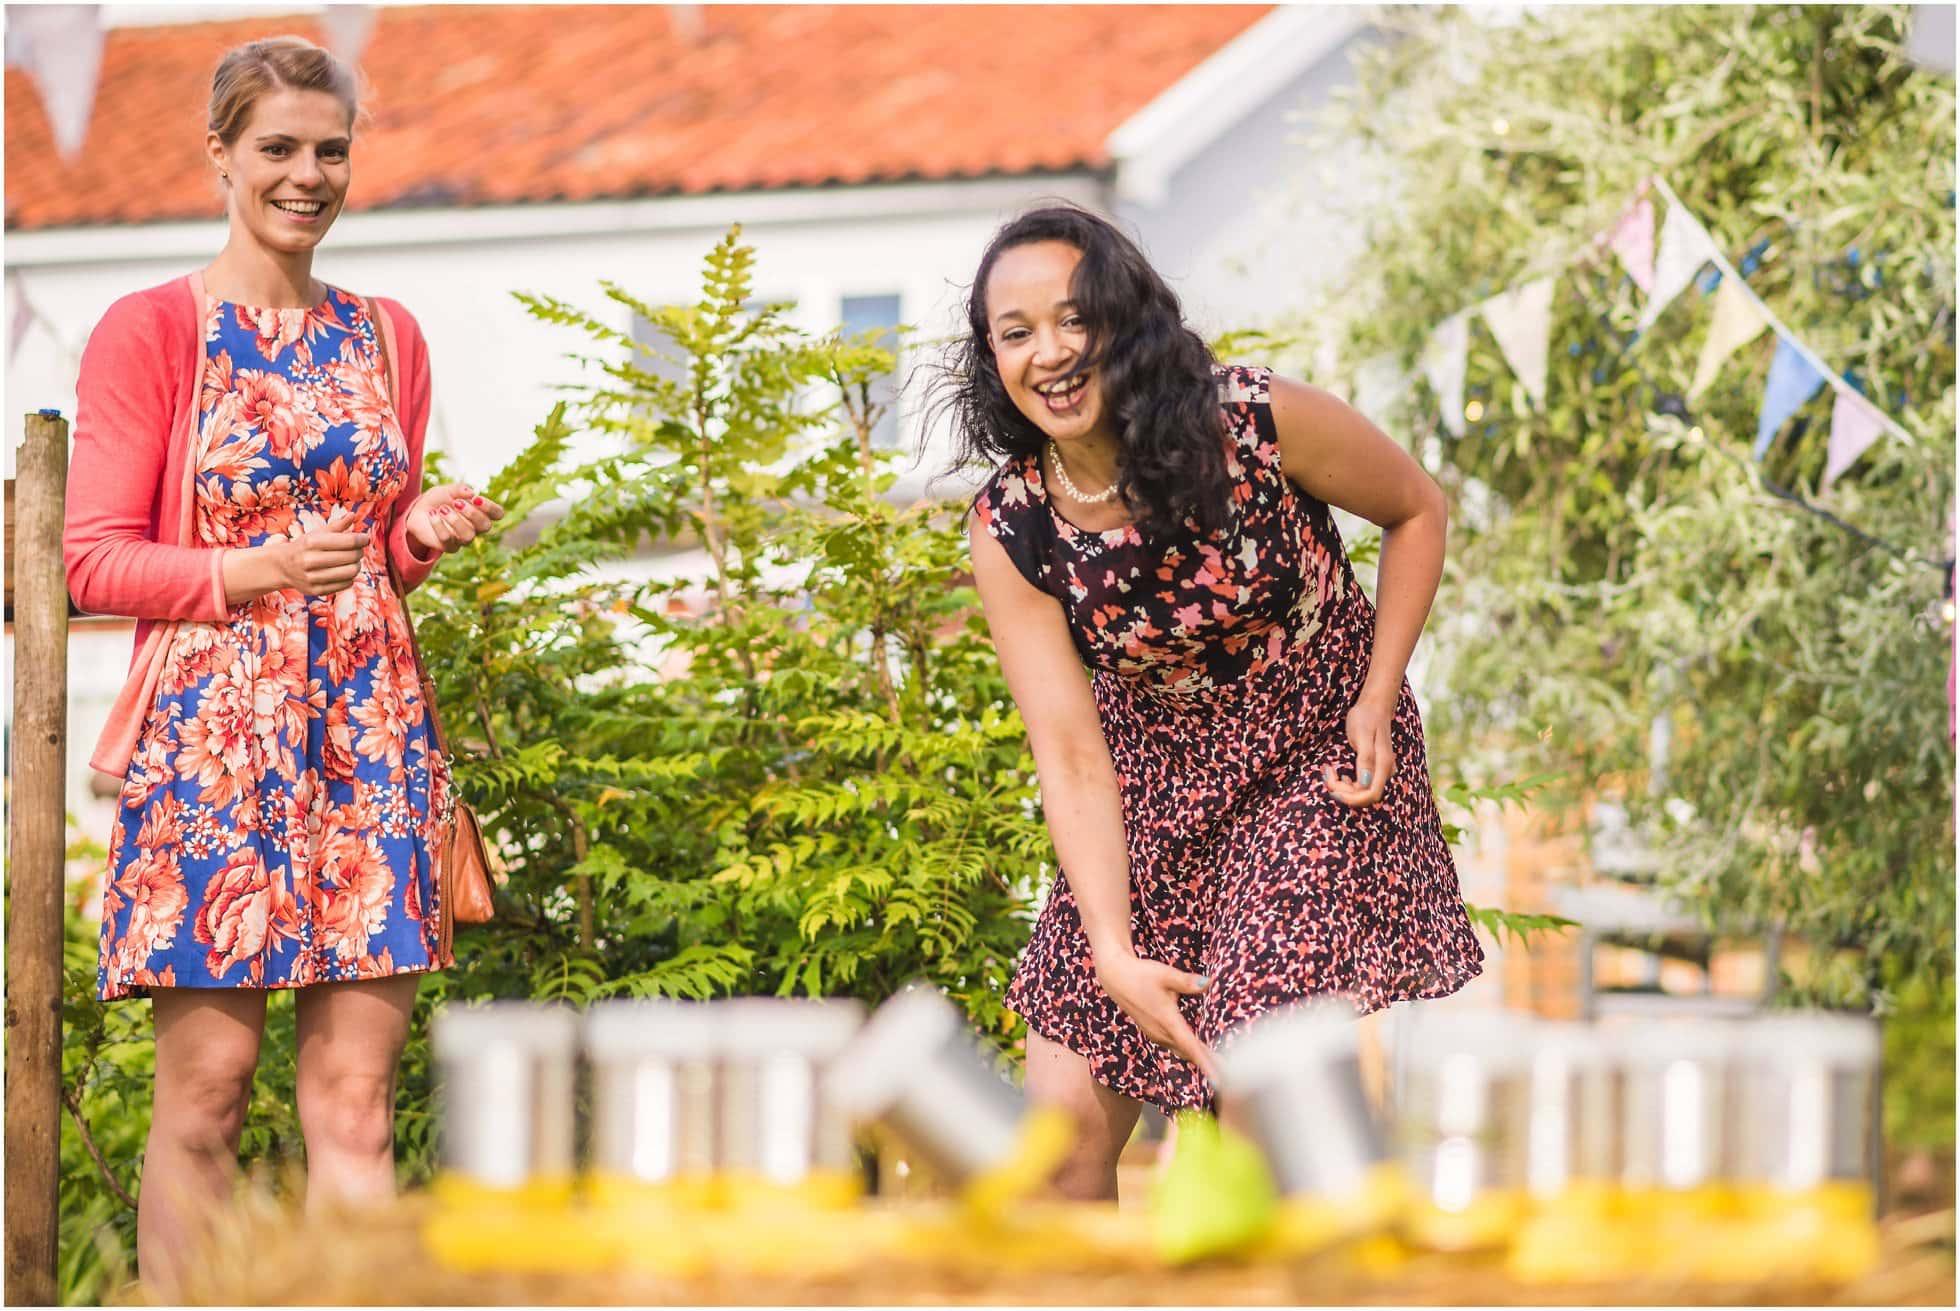 Action shot during Traditional garden games at a sunny suffolk garden wedding photography